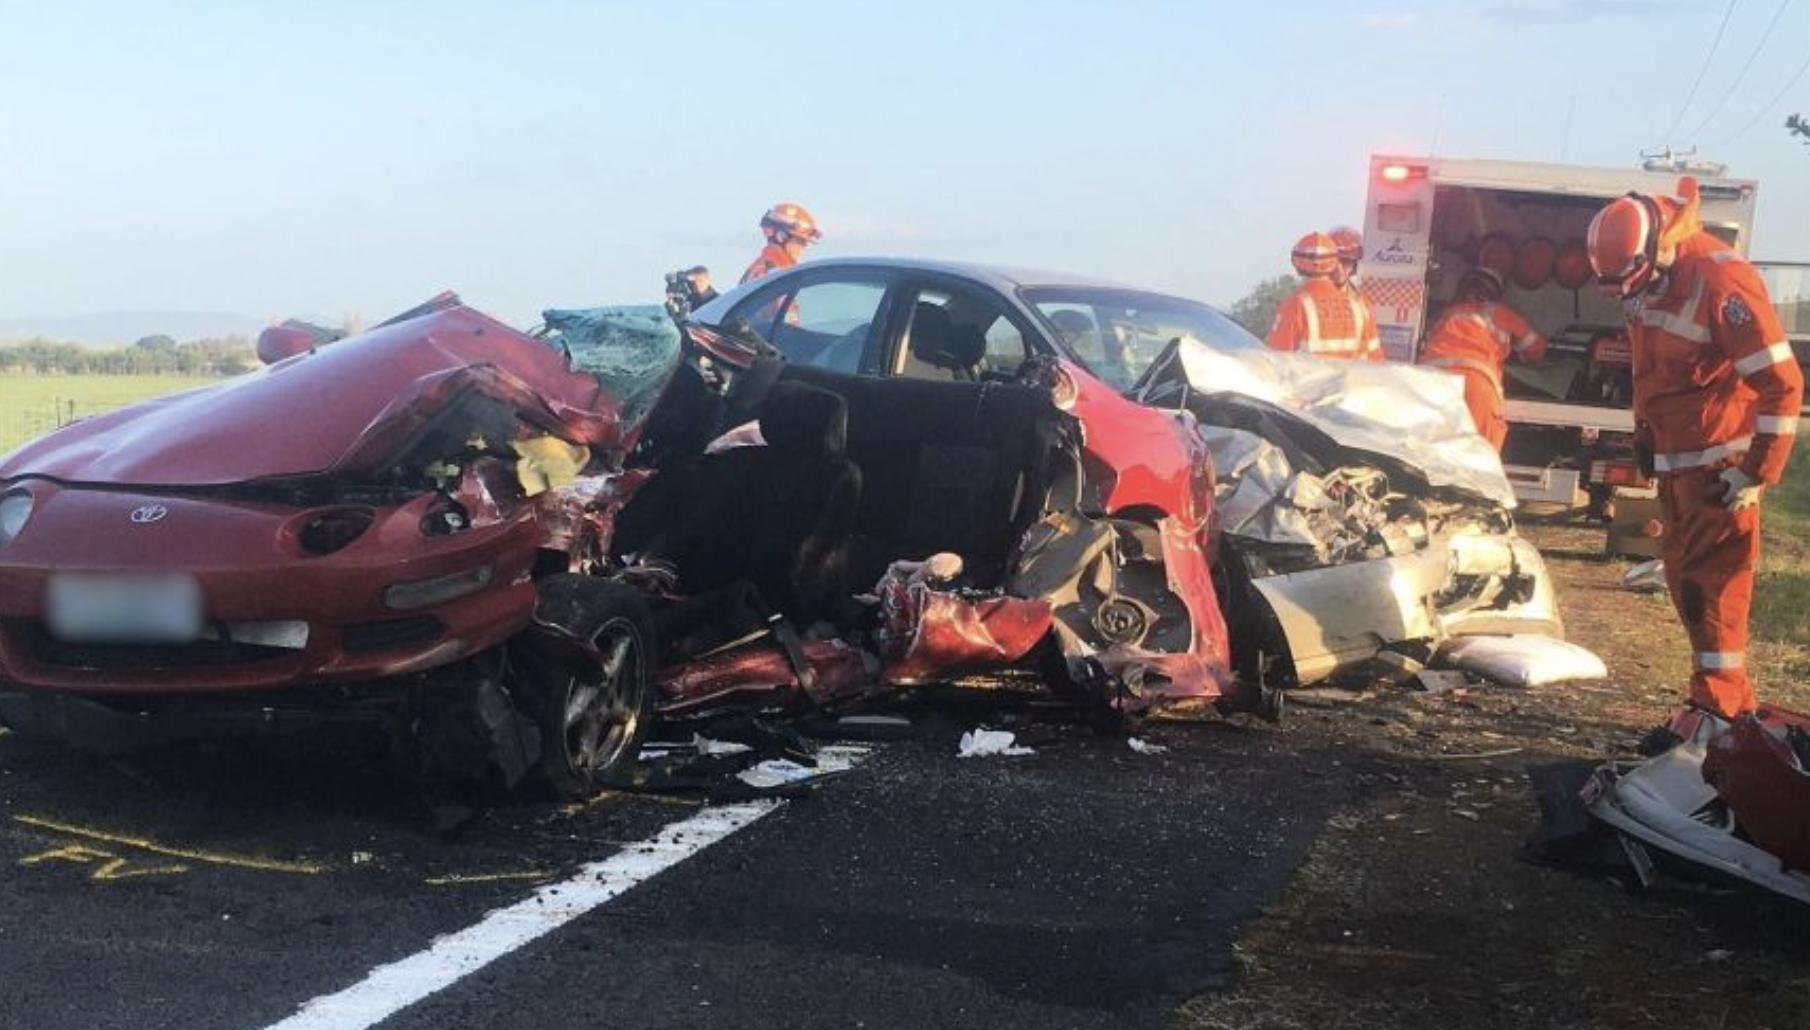 flying solar panels - Tasmania crash scene